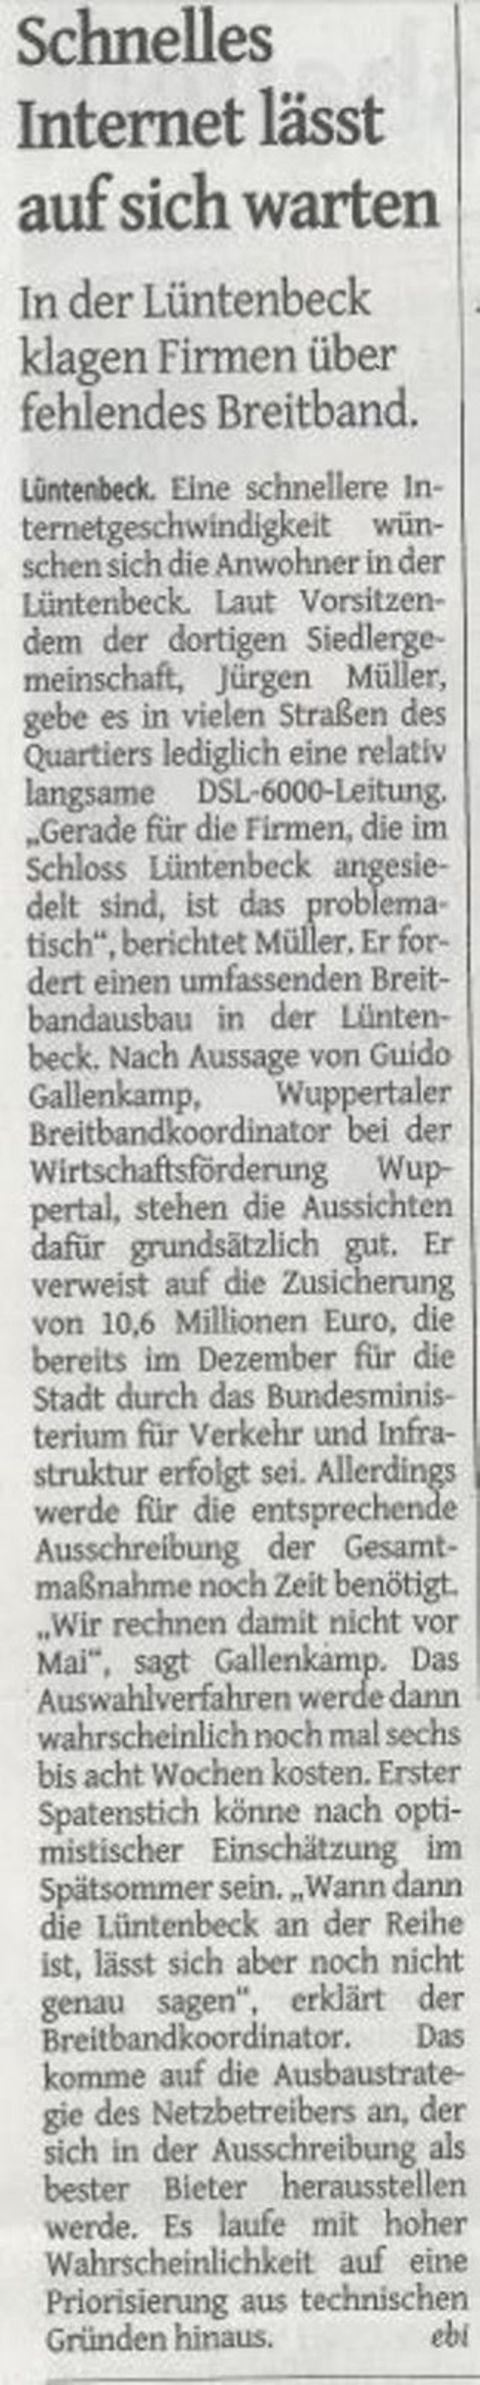 Bericht in der Westdeutschen Zeitung